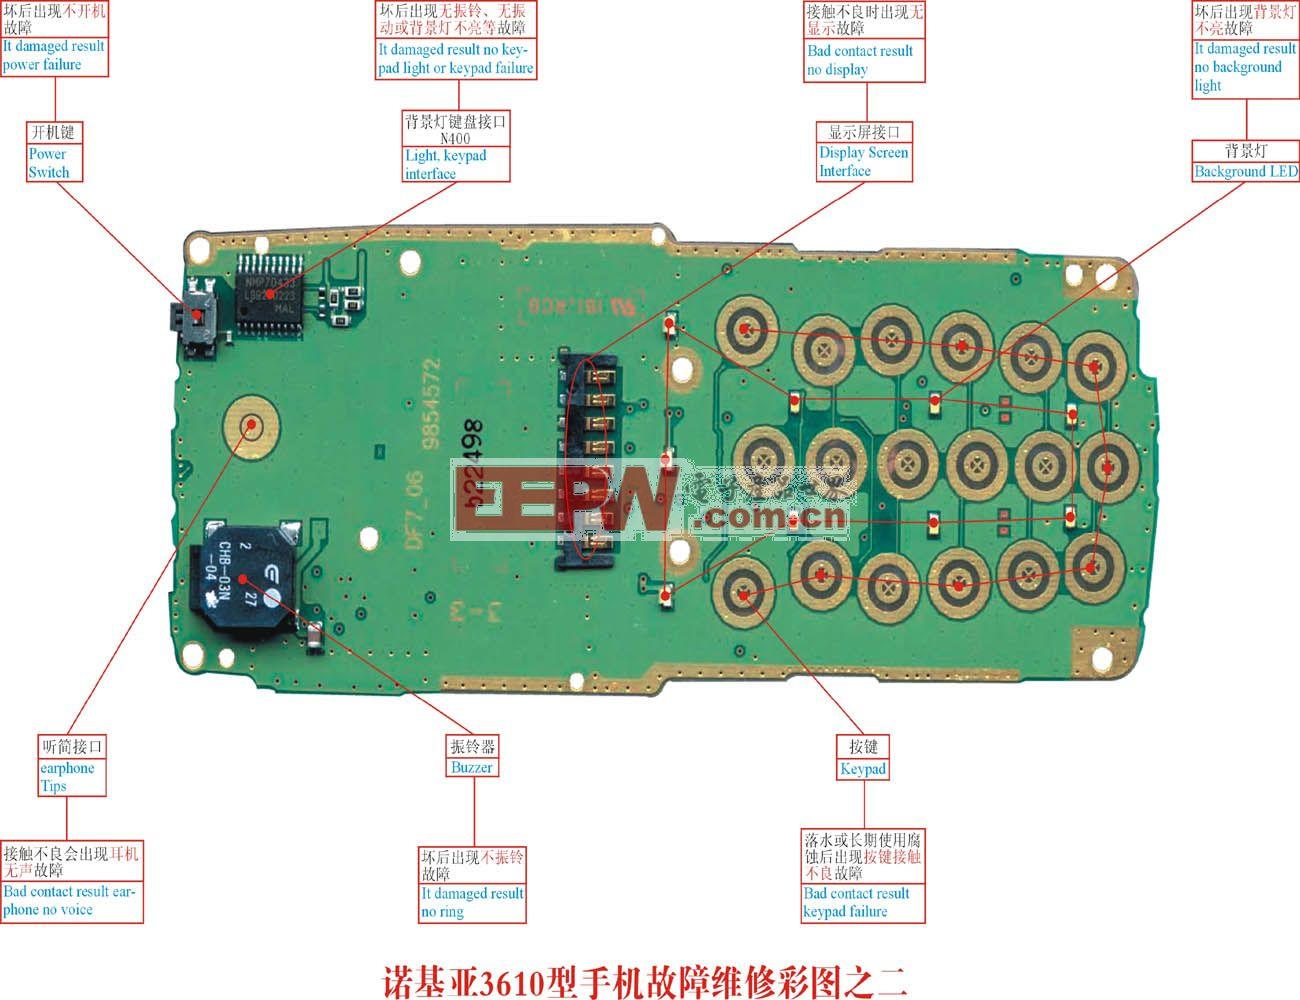 诺基亚 3610 手机故障维修实物彩图(2)